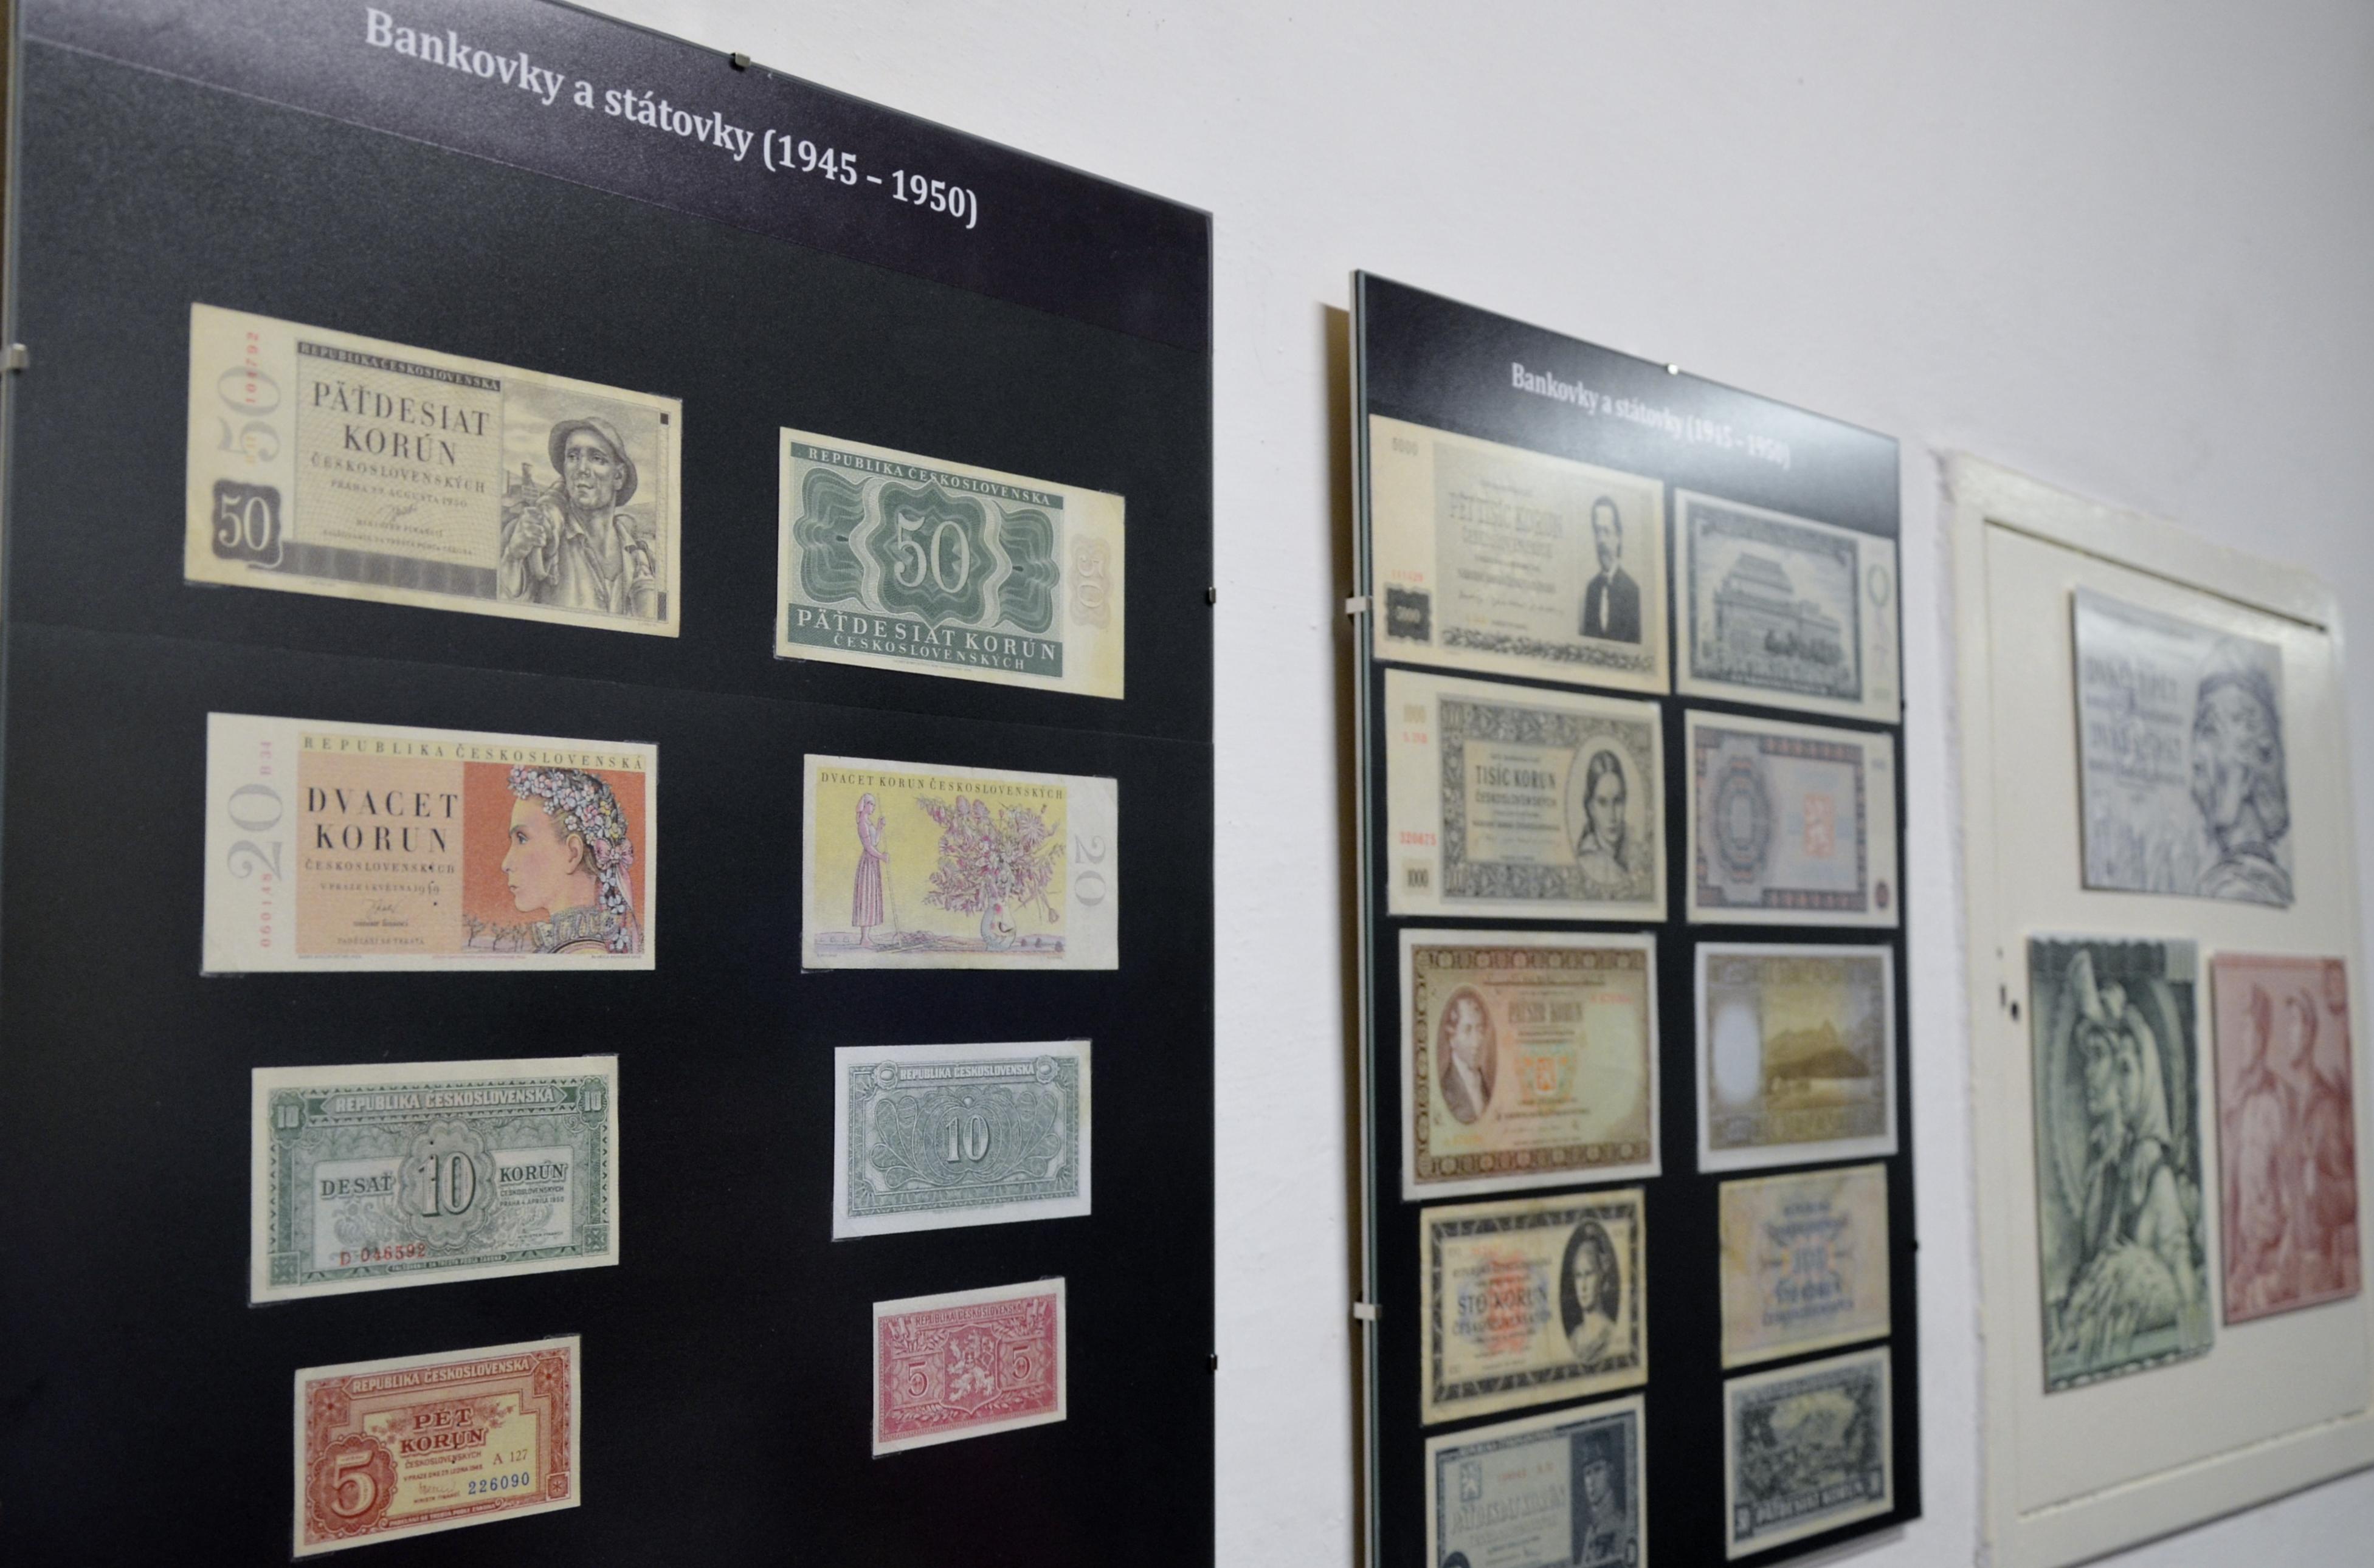 výstava 100 let česko-slovenské koruny